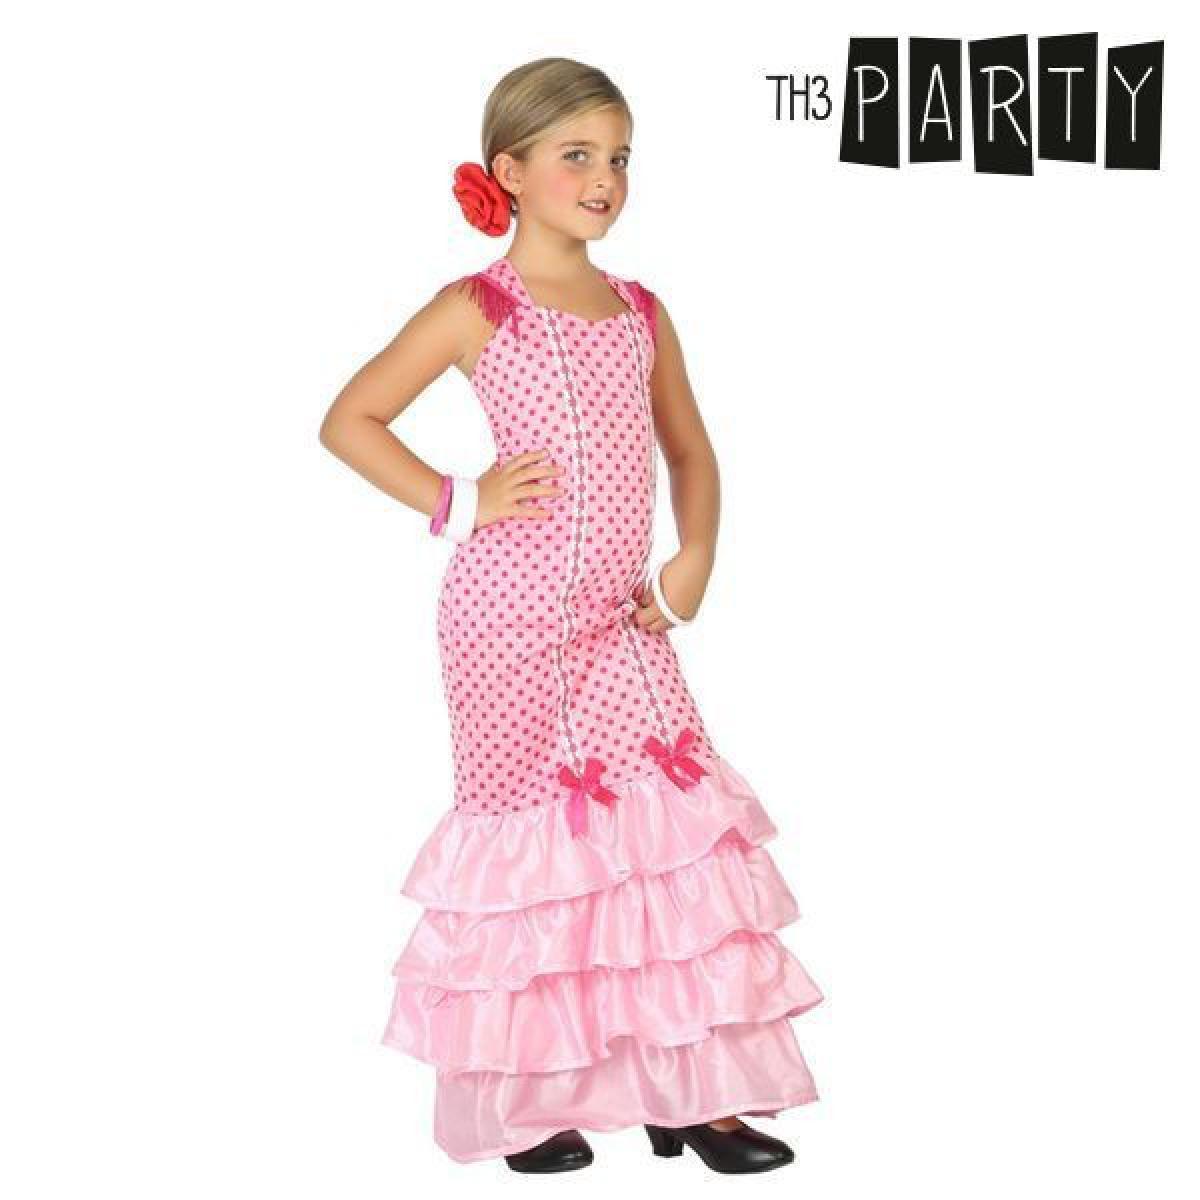 Totalcadeau Déguisement pour fillette Danseuse de flamenco Rose - Costume enfant fille Pas cher